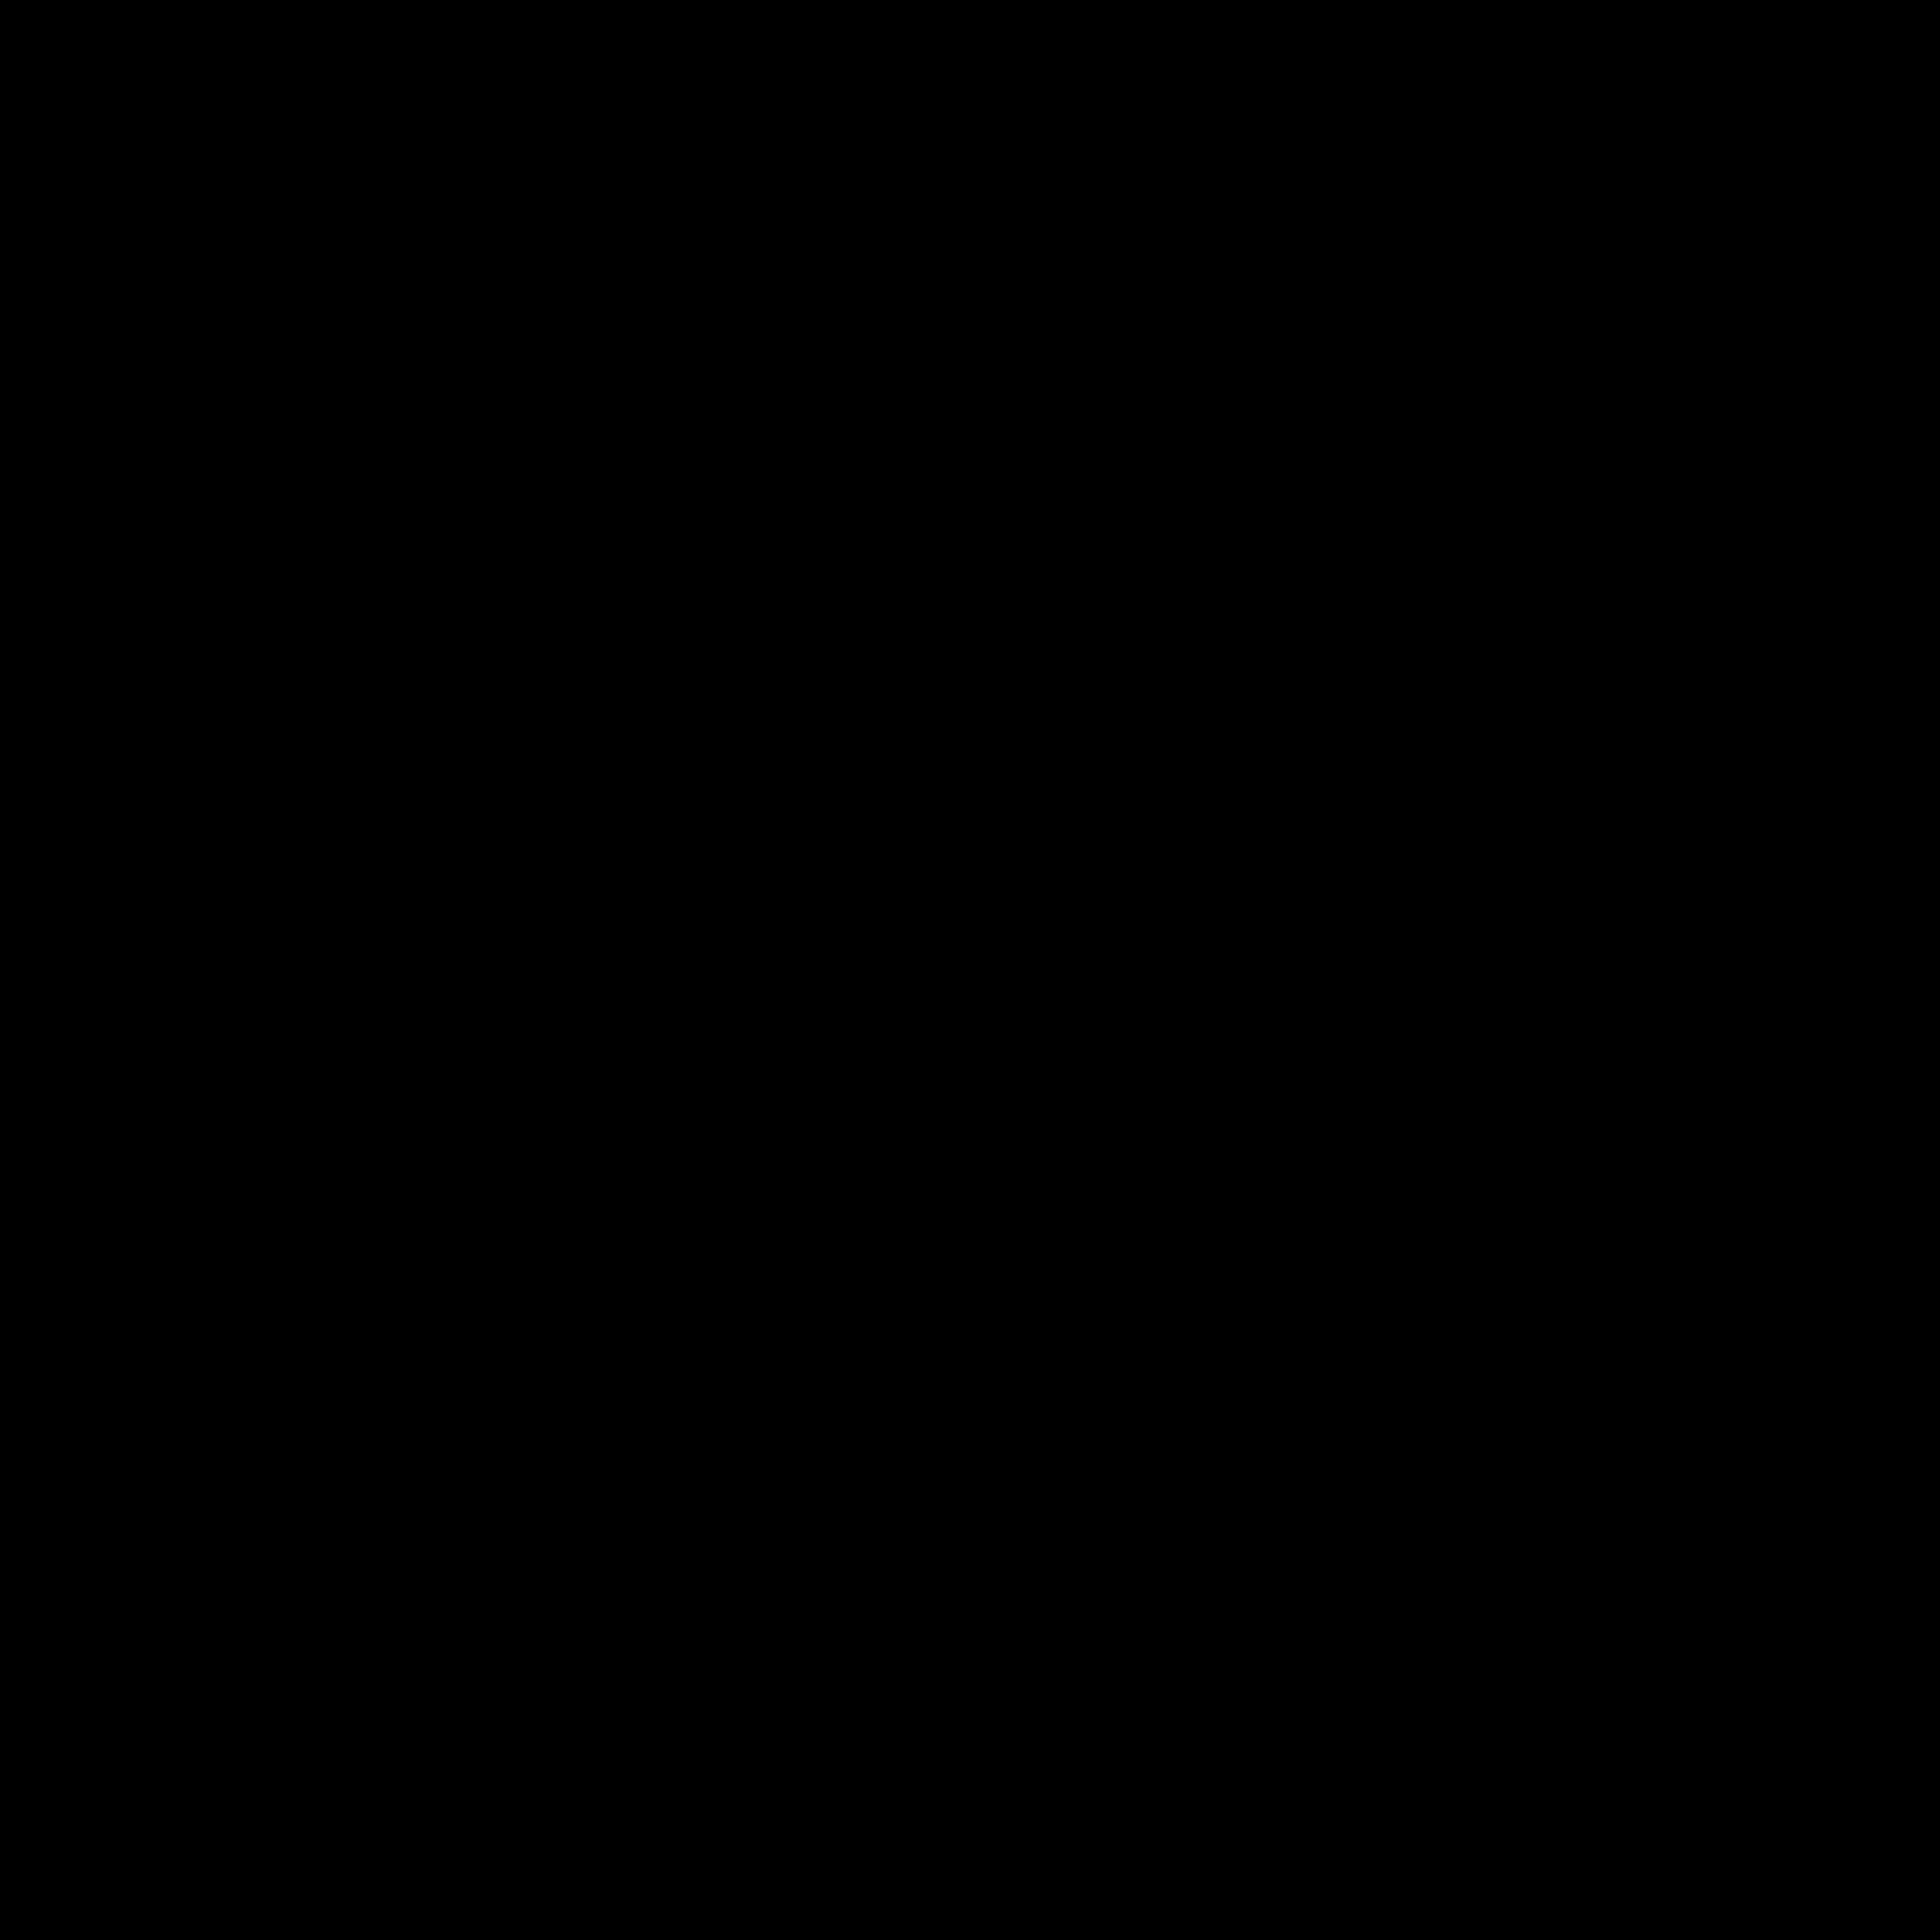 2334x2334 Circle Clipart